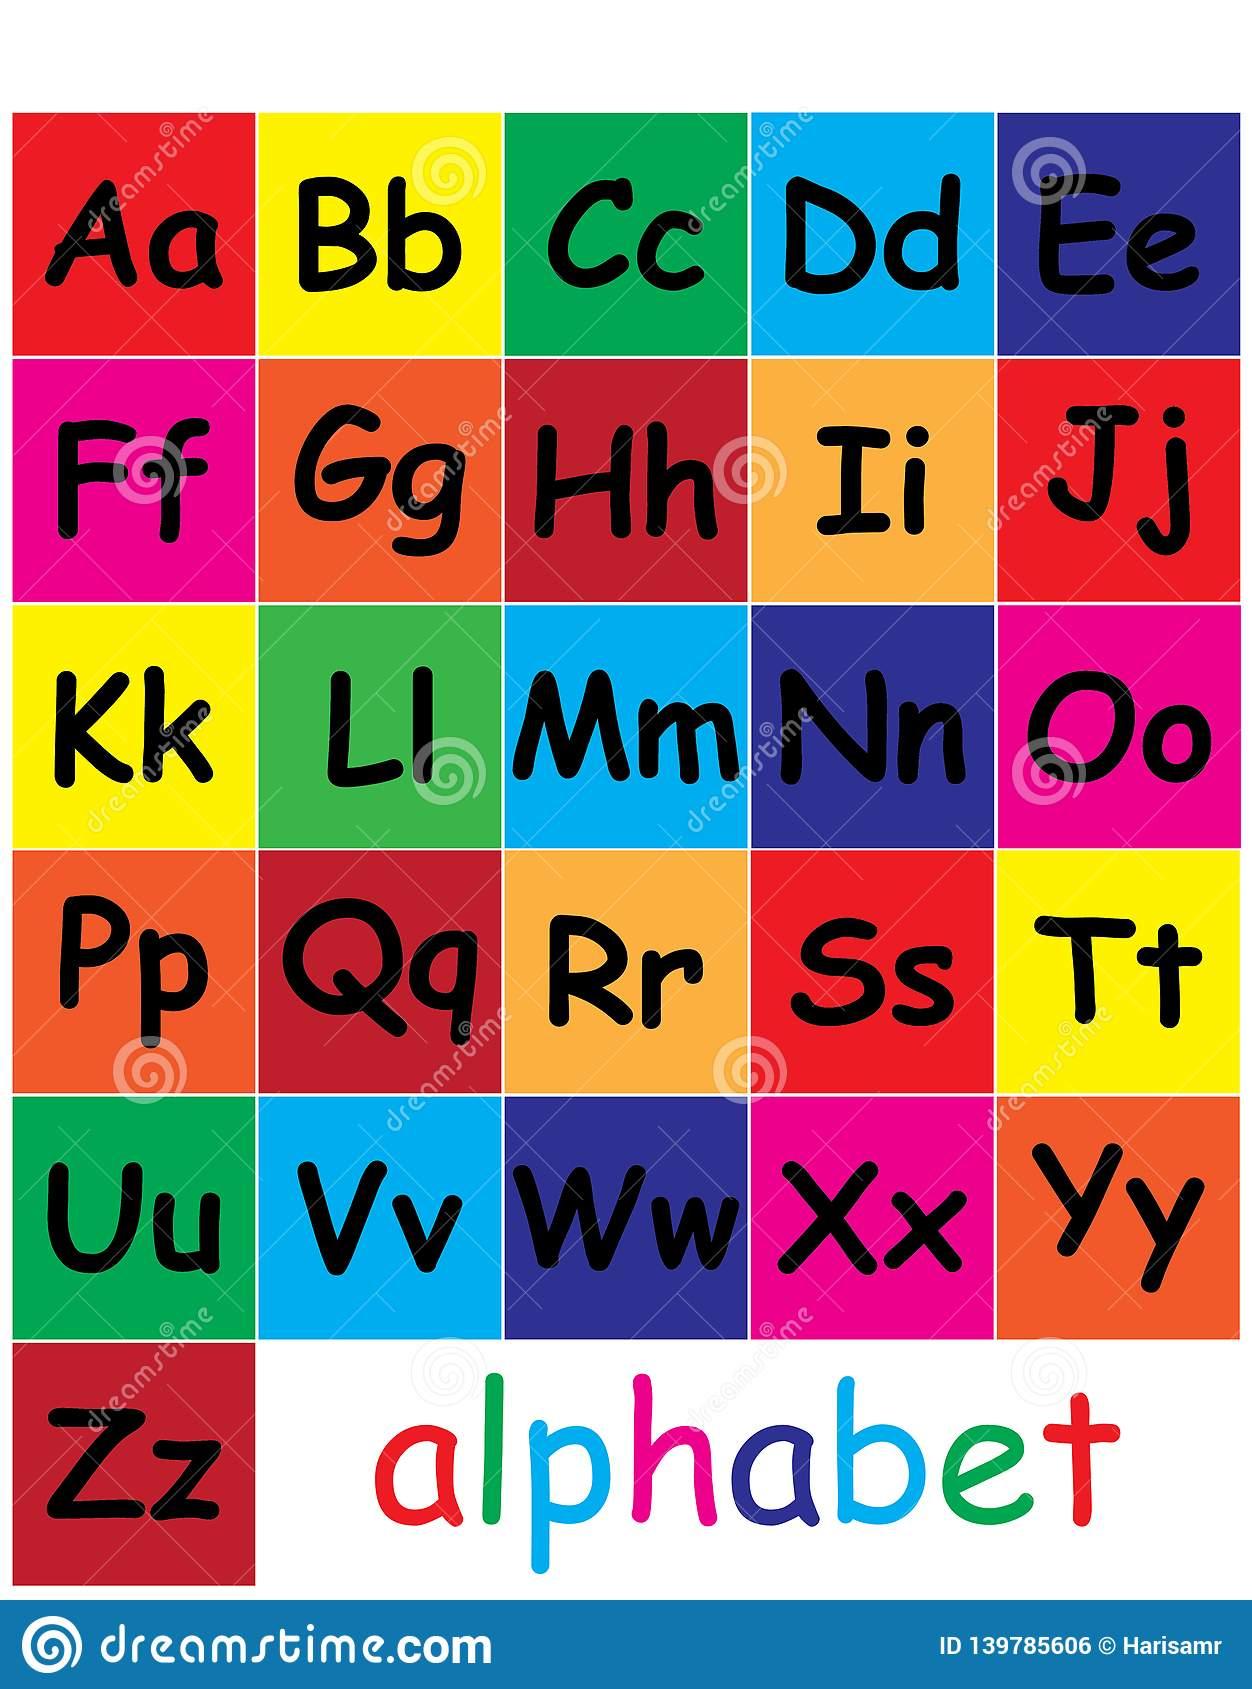 Apprenez Les Lettres Médias Pour Apprendre Des Lettres Pour tout Apprendre Les Lettres De L Alphabet